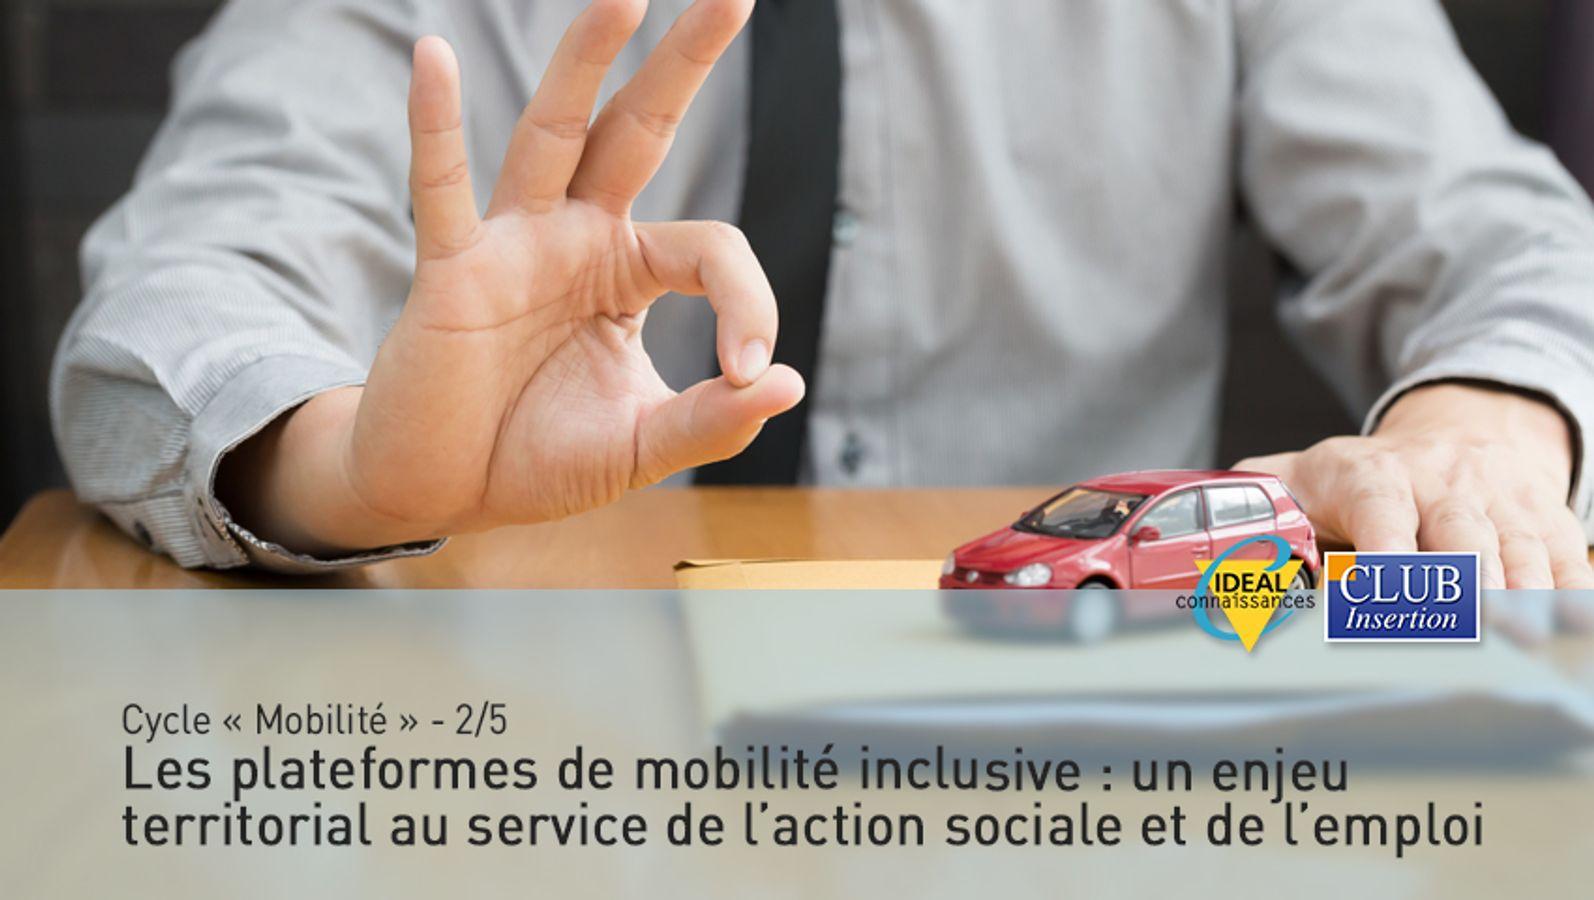 Cycle « Mobilité » - 2/5 – Les plateformes de mobilité inclusive : un enjeu territorial au service de l'action sociale et de l'emploi